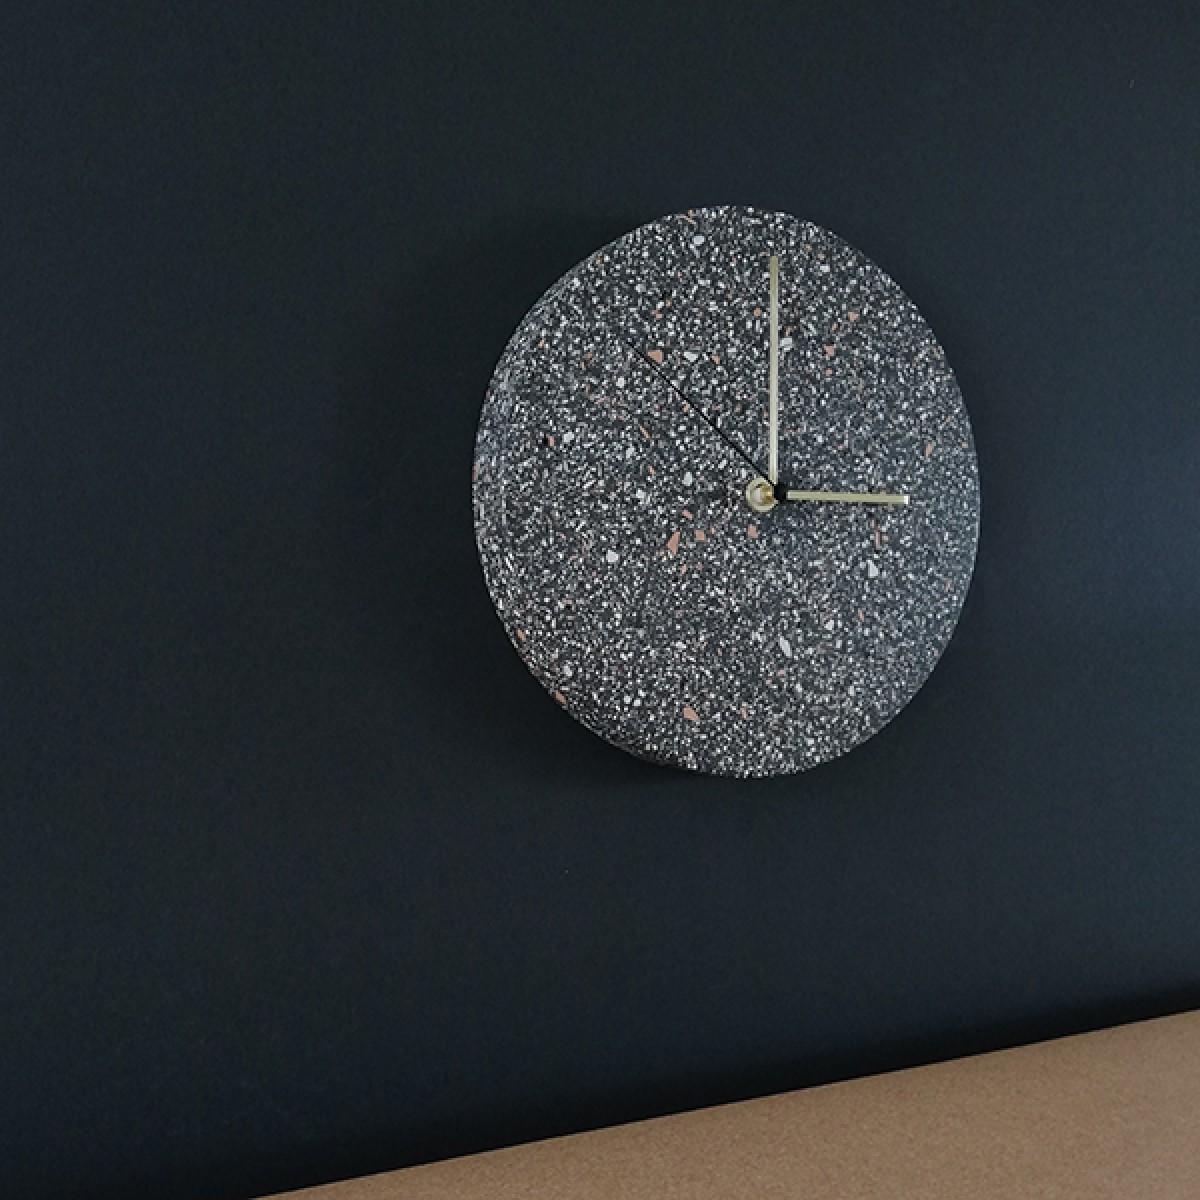 Terrazzo Wanduhr mit Uhrzeiger aus Messing_VLO design